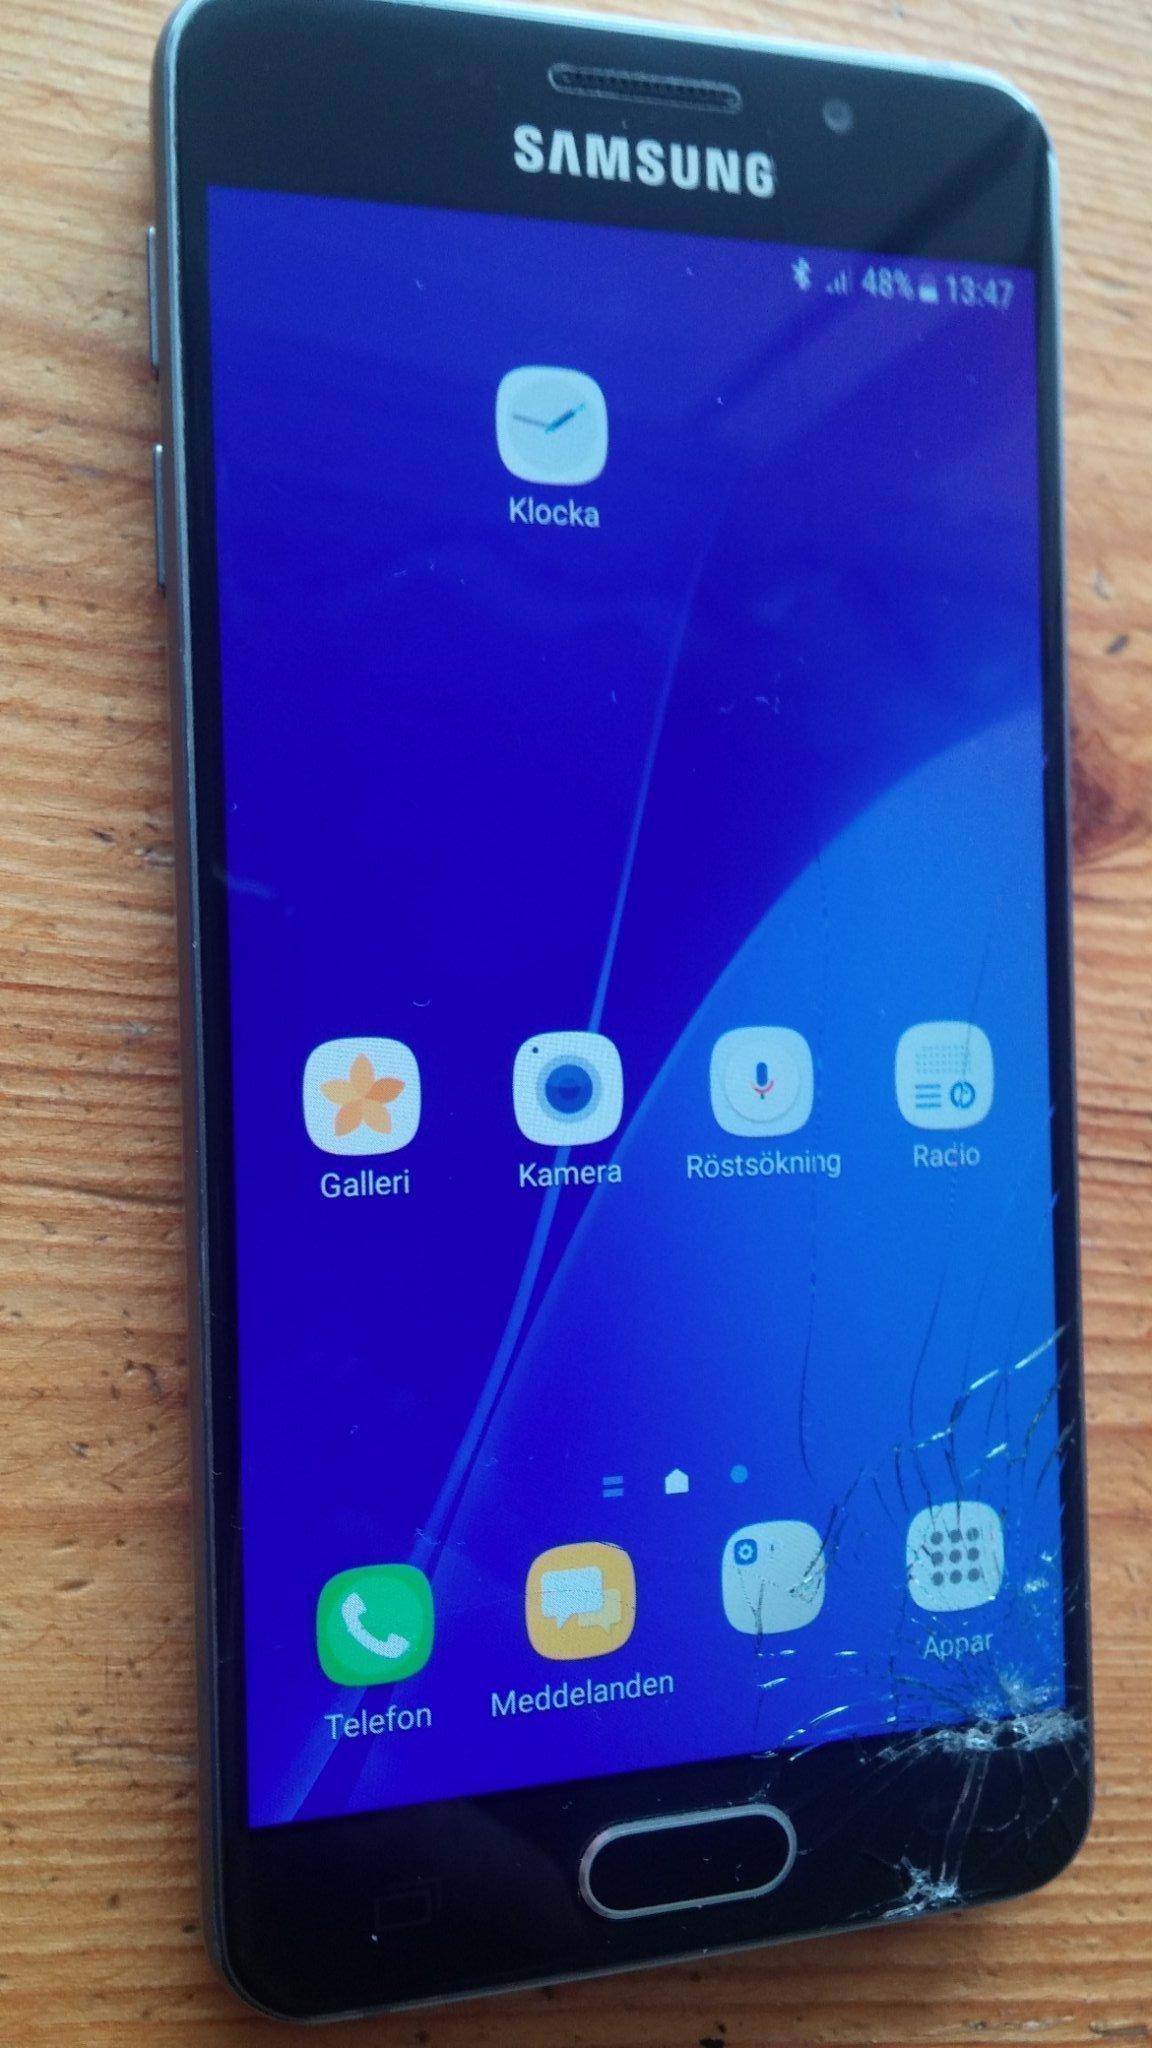 Samsung Galaxy A3 med laddare och headset Olåst!